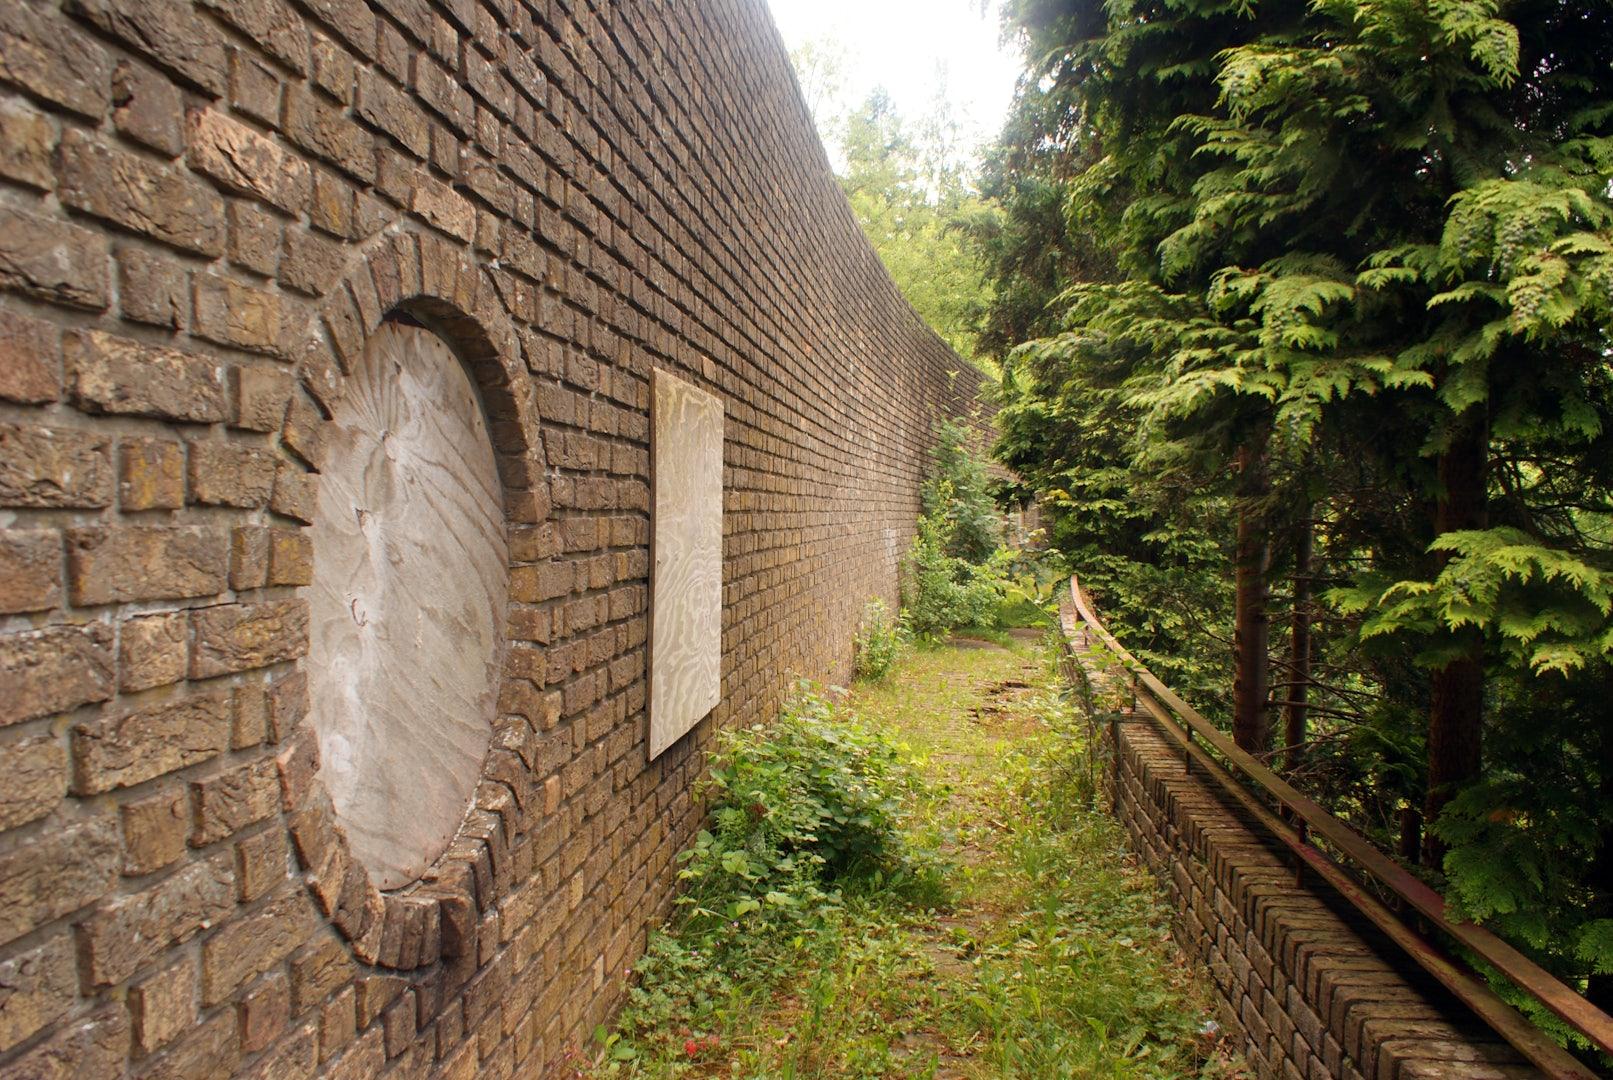 Mussert's Wall